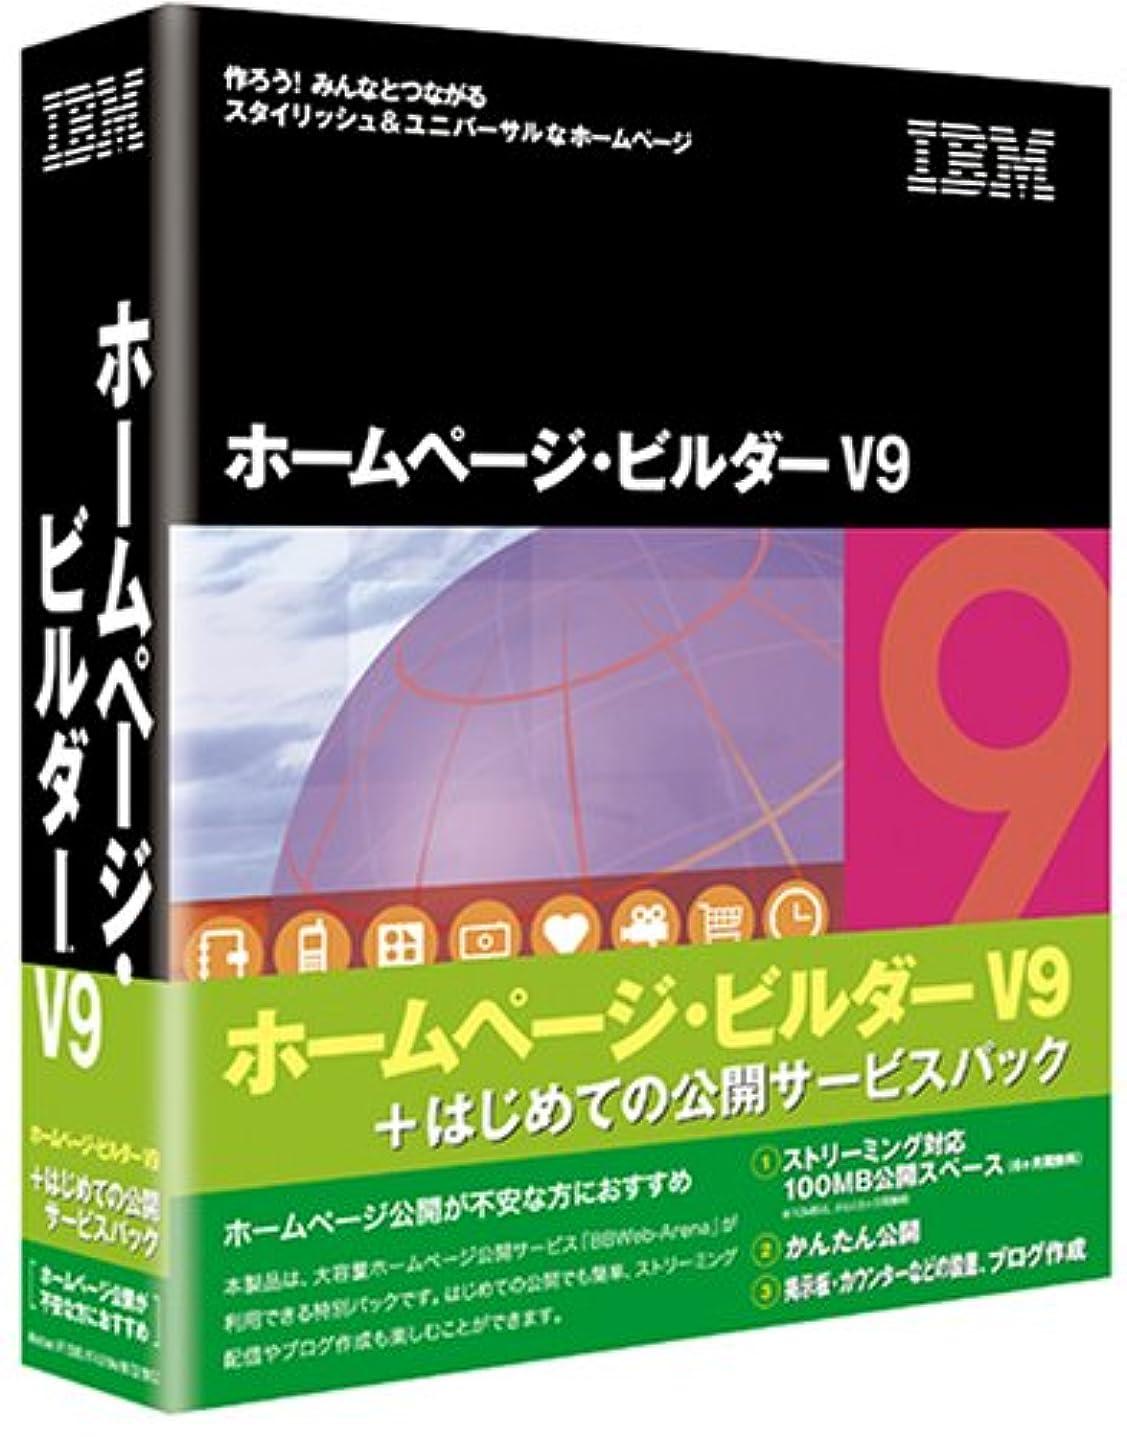 痛いマージンりIBMホームページ・ビルダー V9 + はじめての公開サービスパック